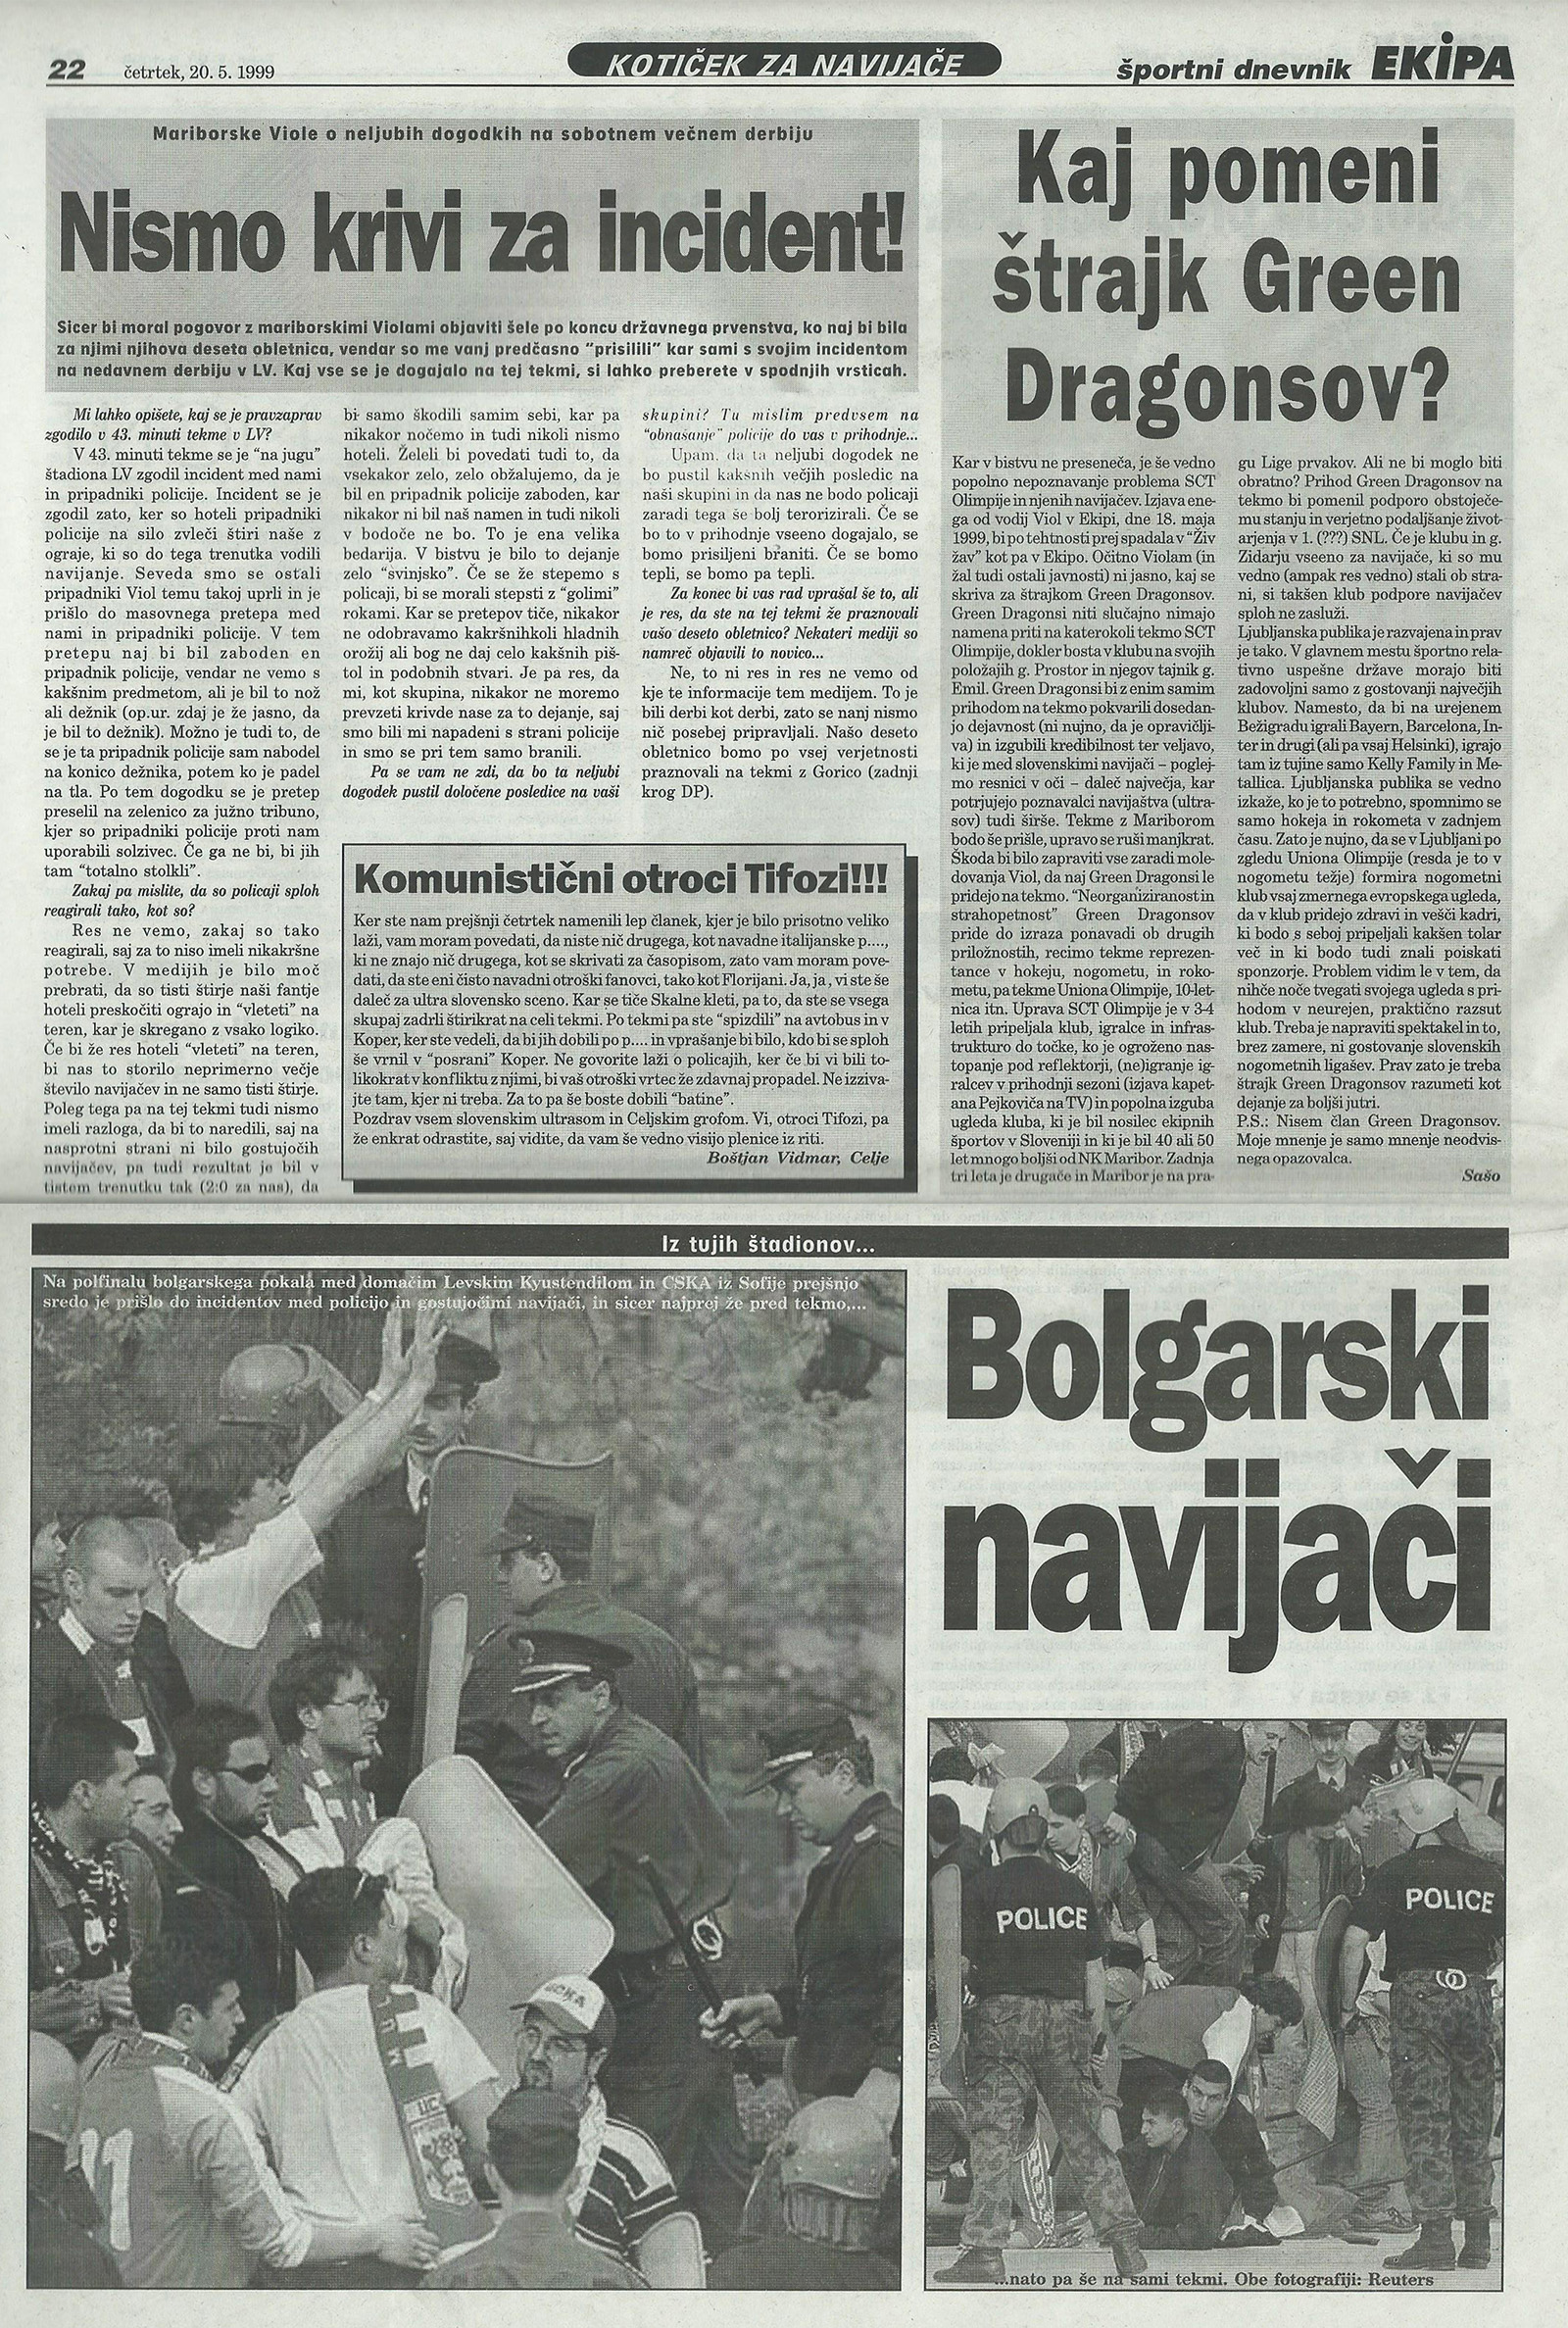 KZN_20-5-1999_1600px